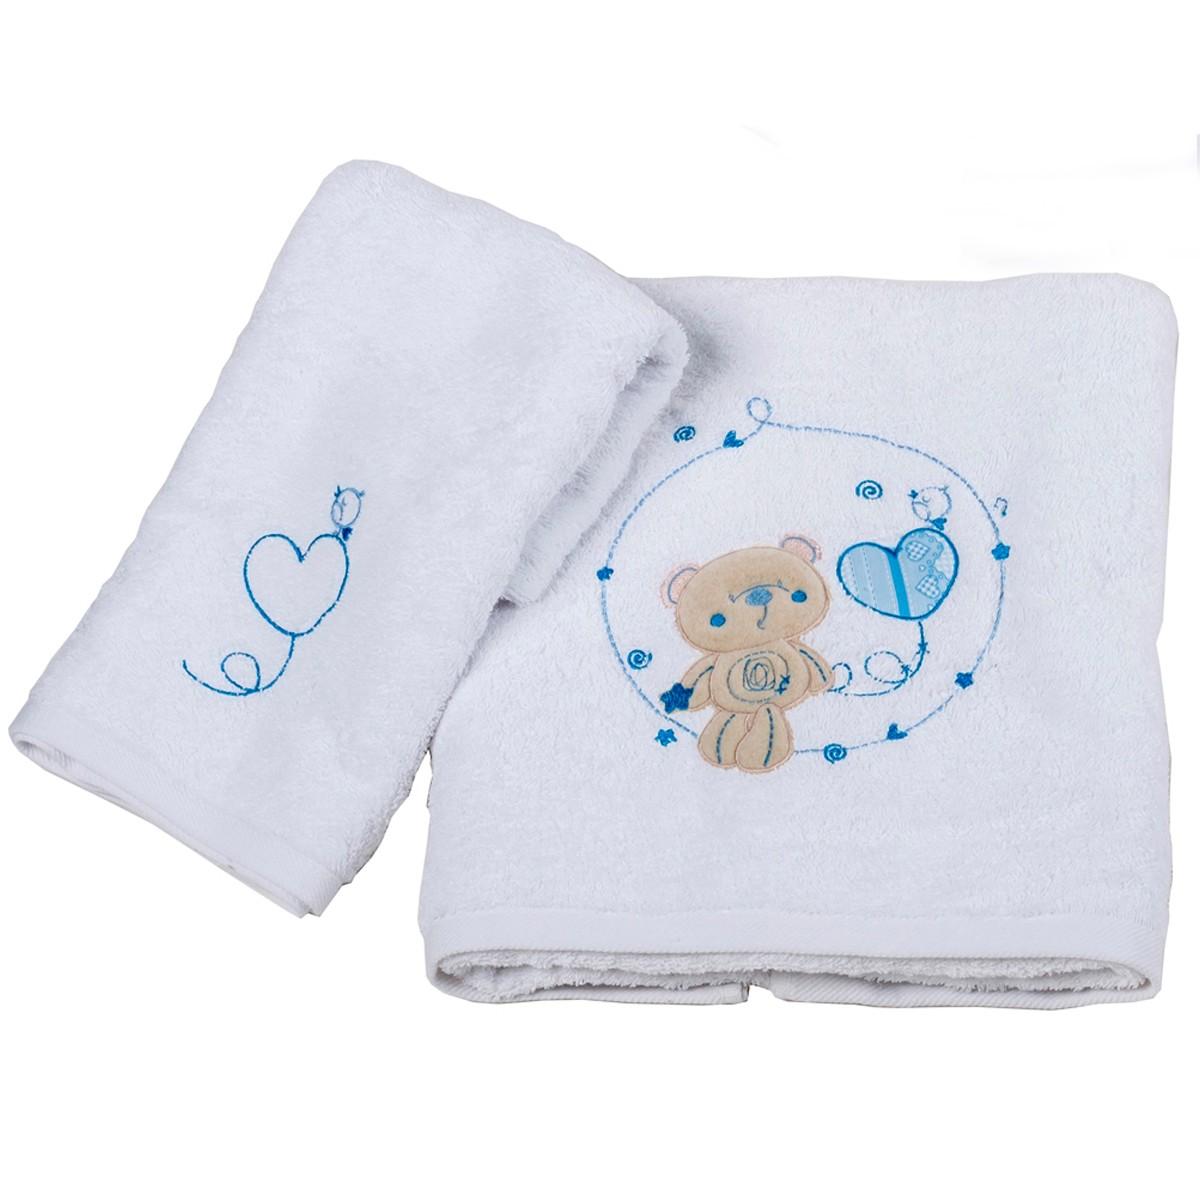 Βρεφικές Πετσέτες (Σετ 2τμχ) Κόσμος Του Μωρού Heart 0575 Σιέλ